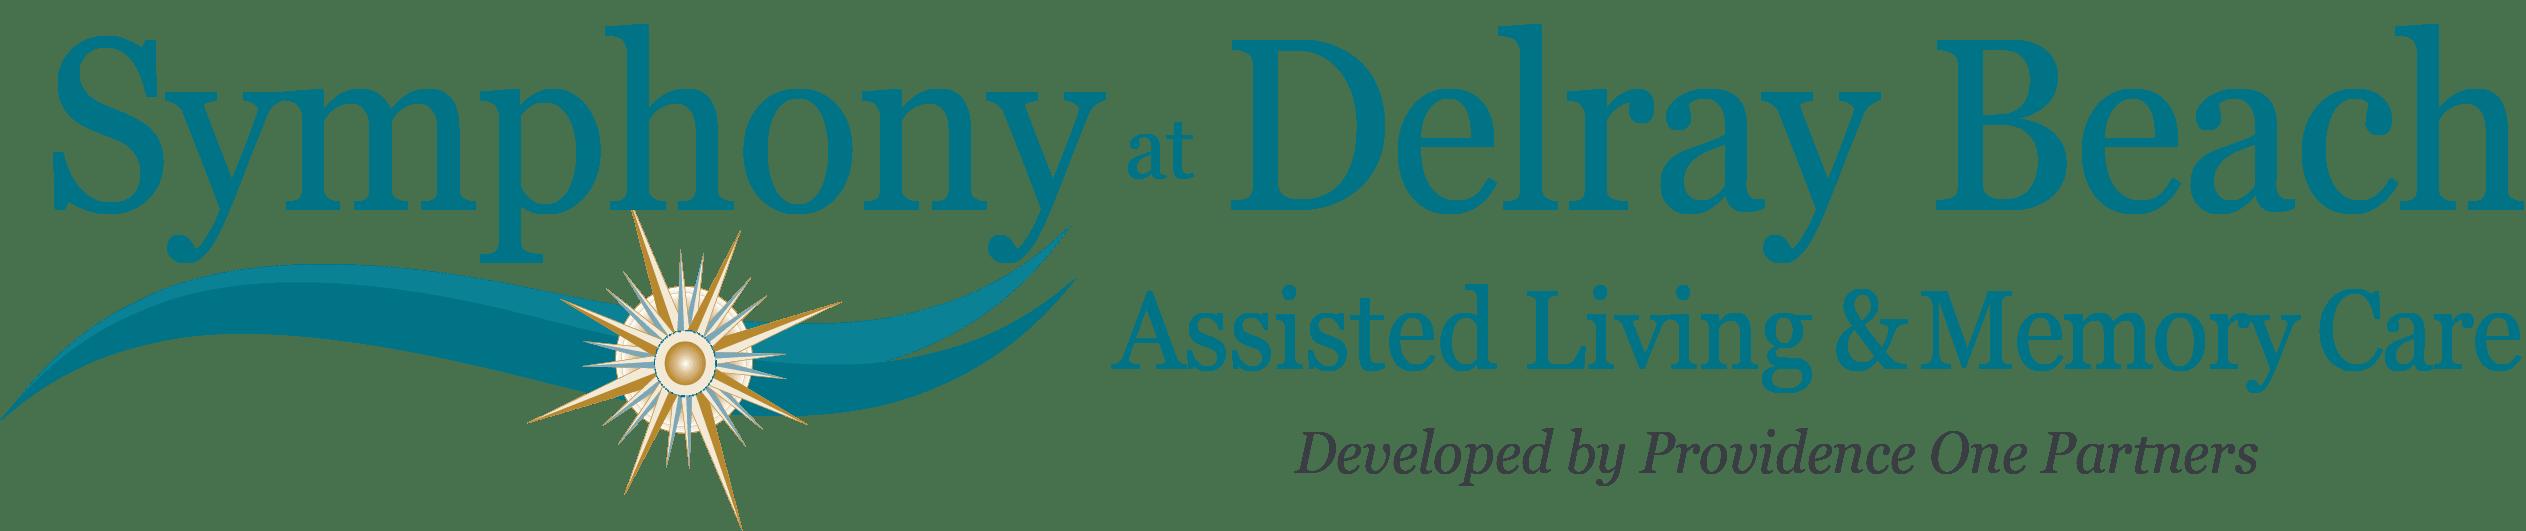 Symphony at Delray Beach Logo